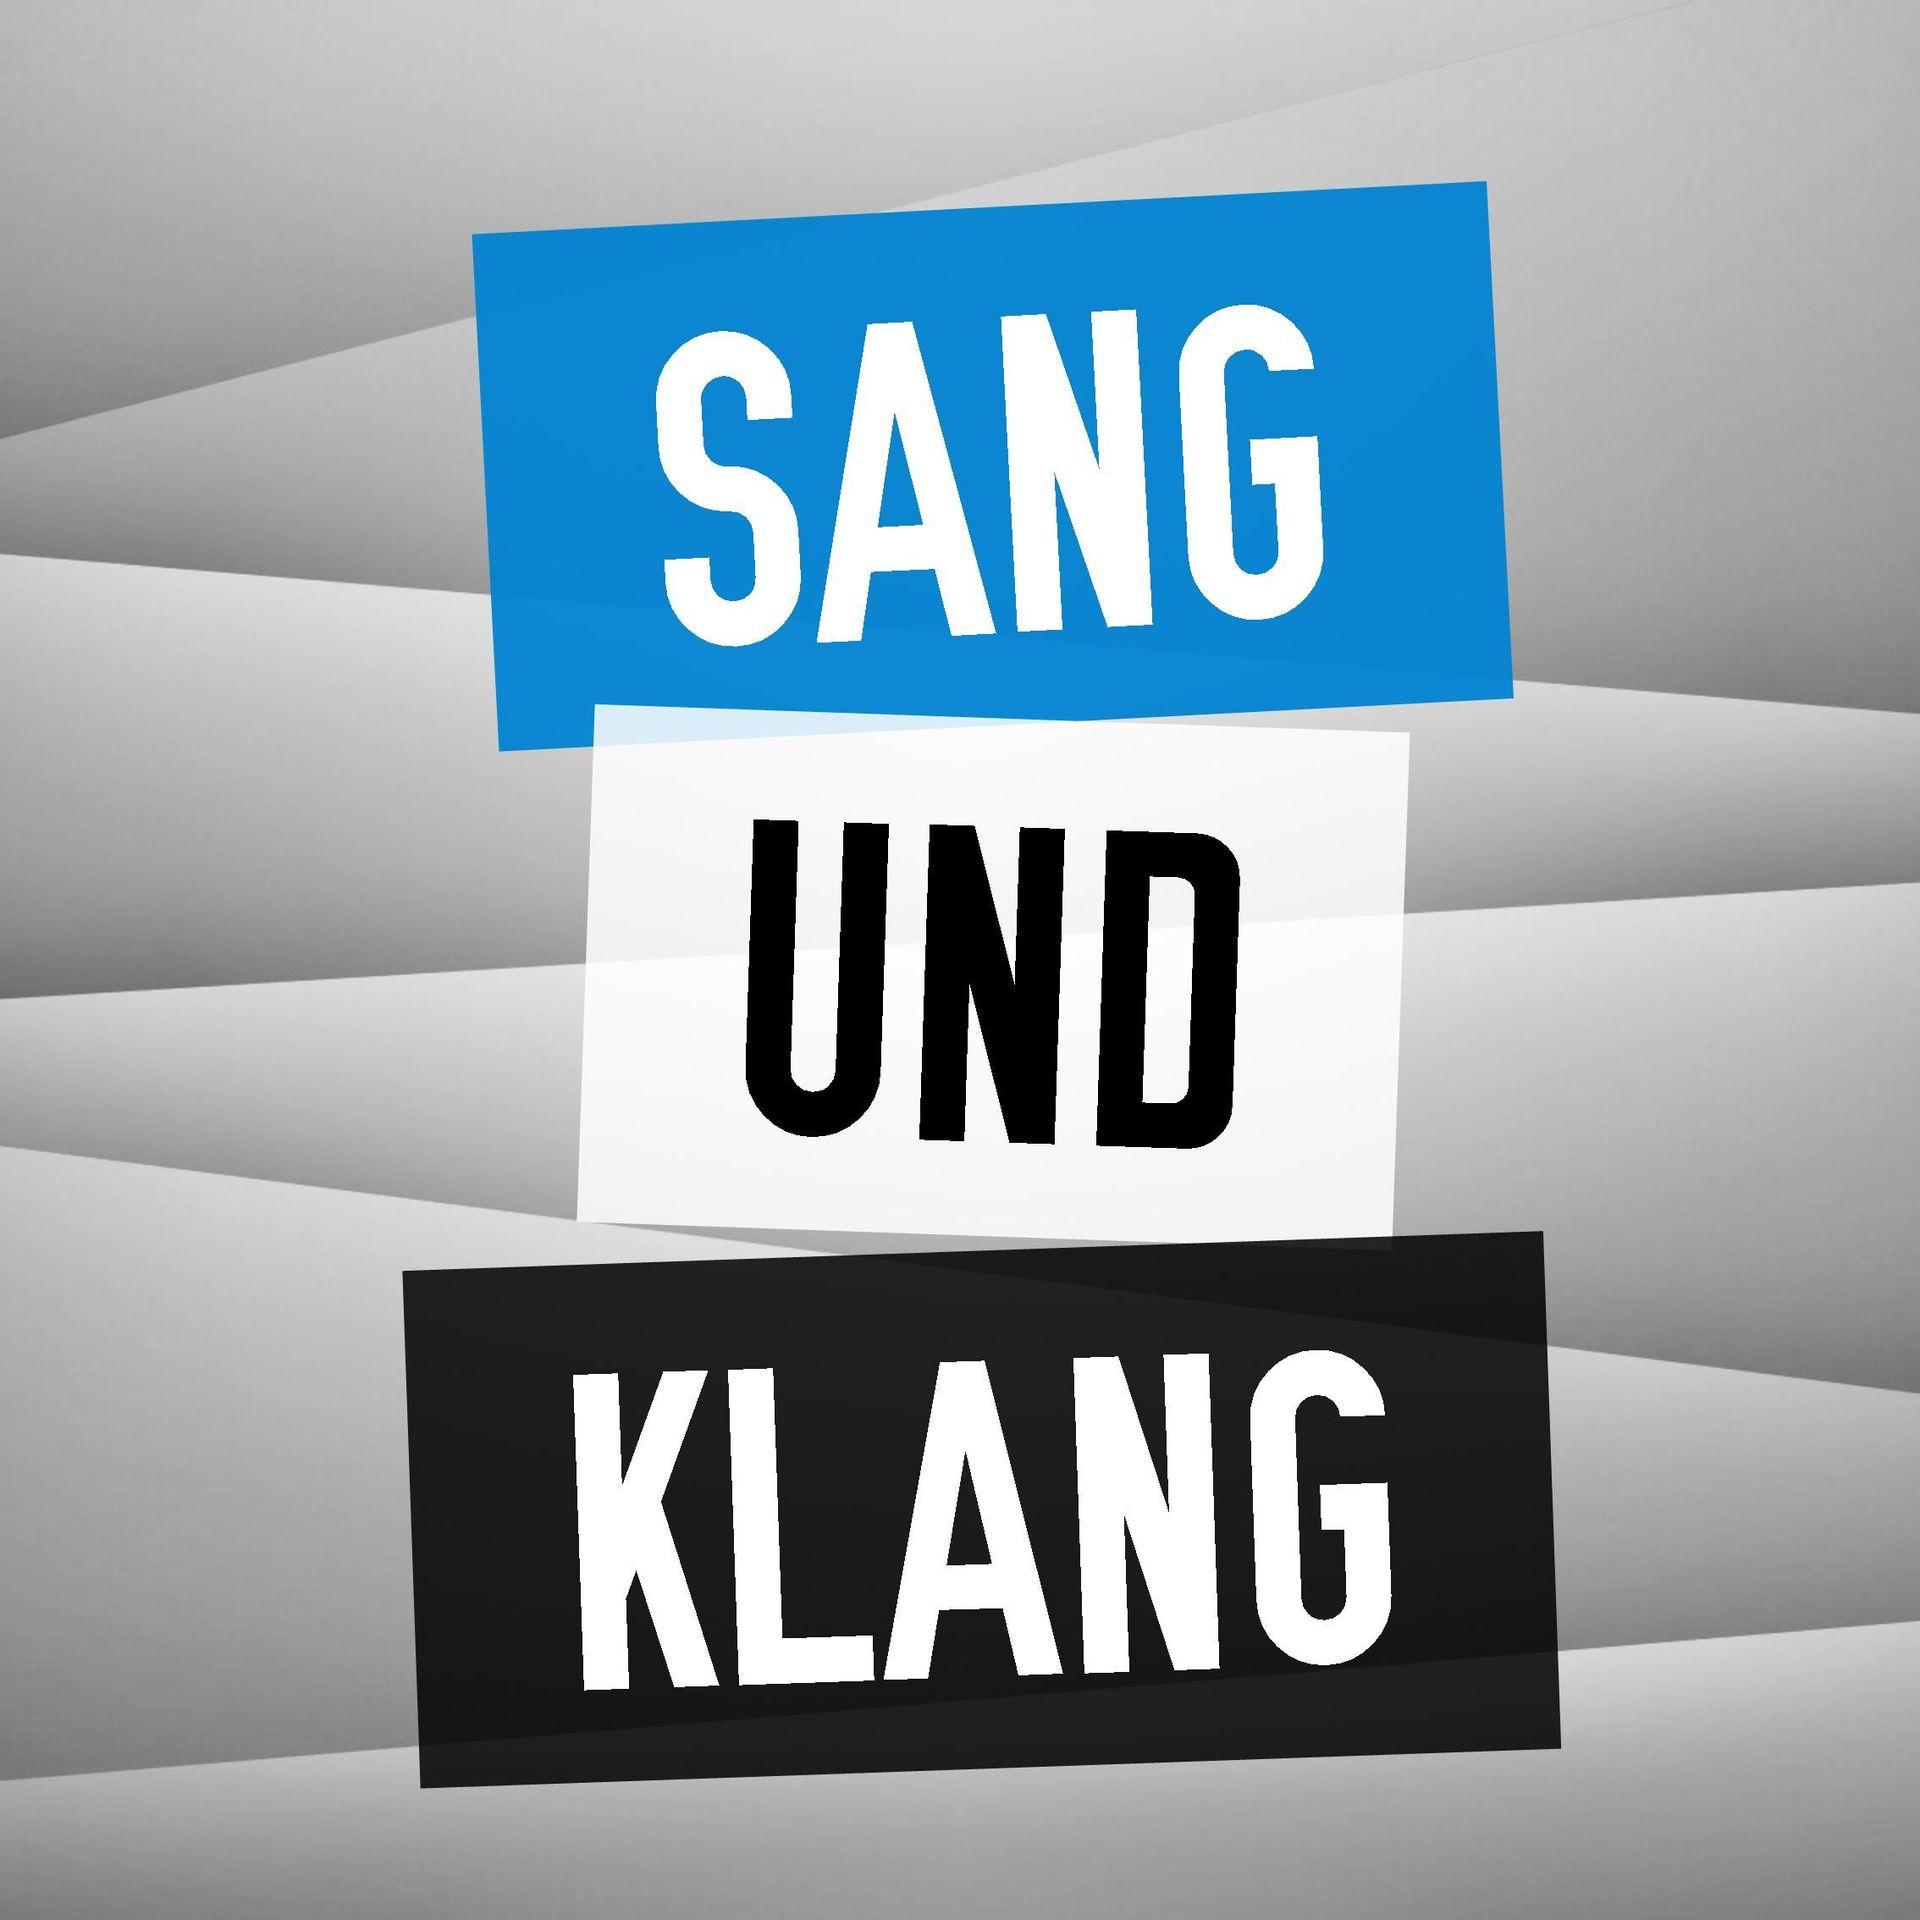 Sang und Klang - Playlist des Tages